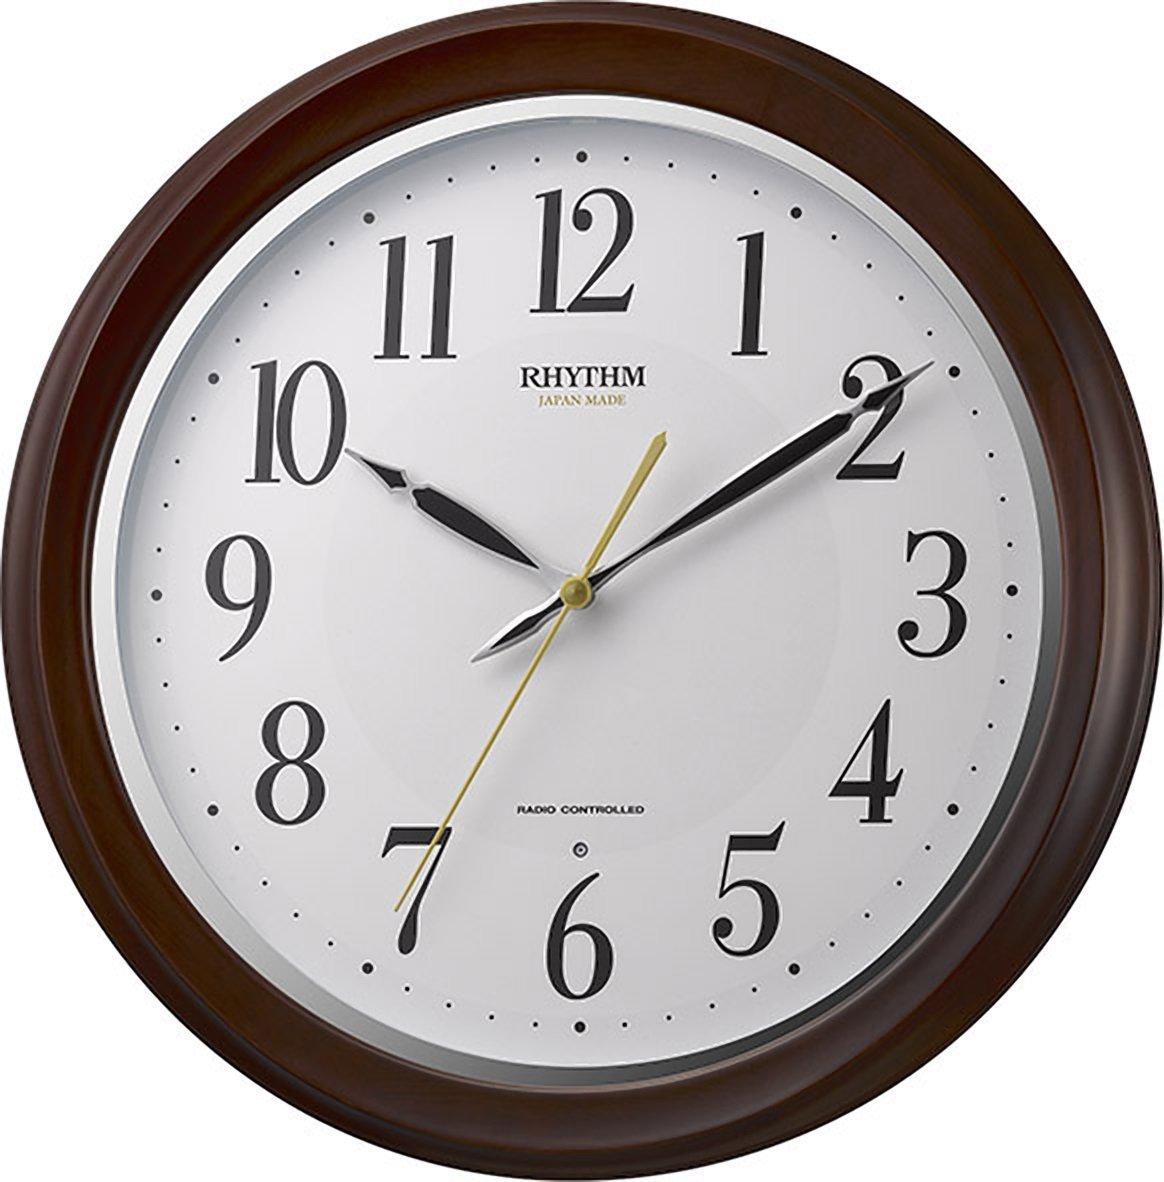 リズム時計 掛け時計 電波 アナログ フィットウェーブアヤ 【 日本製 】 連続秒針 木 茶 RHYTHM 8MY512SR06 B01N78H35H